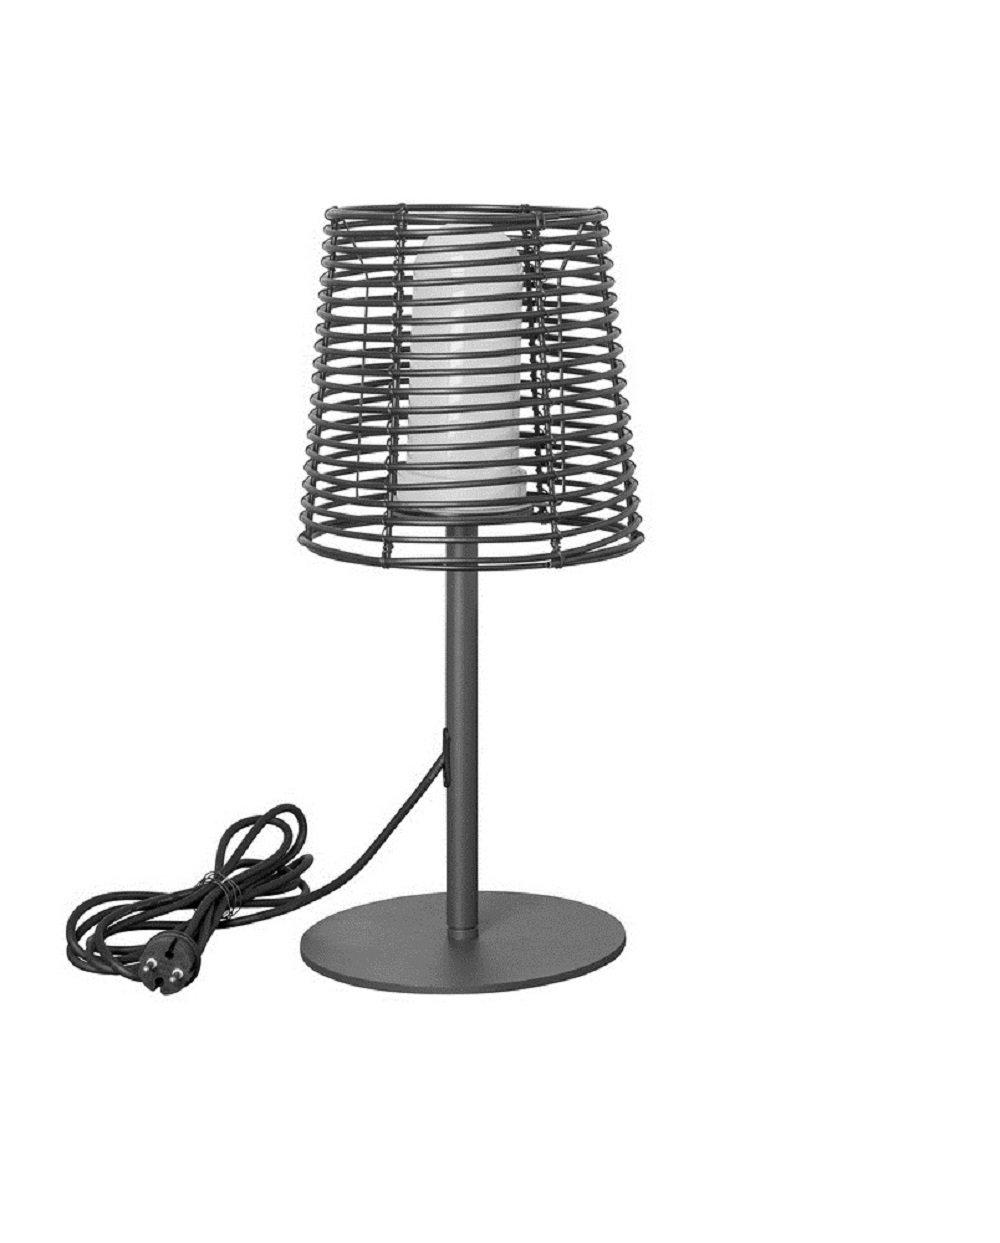 Airam Garda Tischleuchte LED Außenbeleuchtung E27, schwarz, 530x 224mm 530x 224mm Bot Lighting 4289792